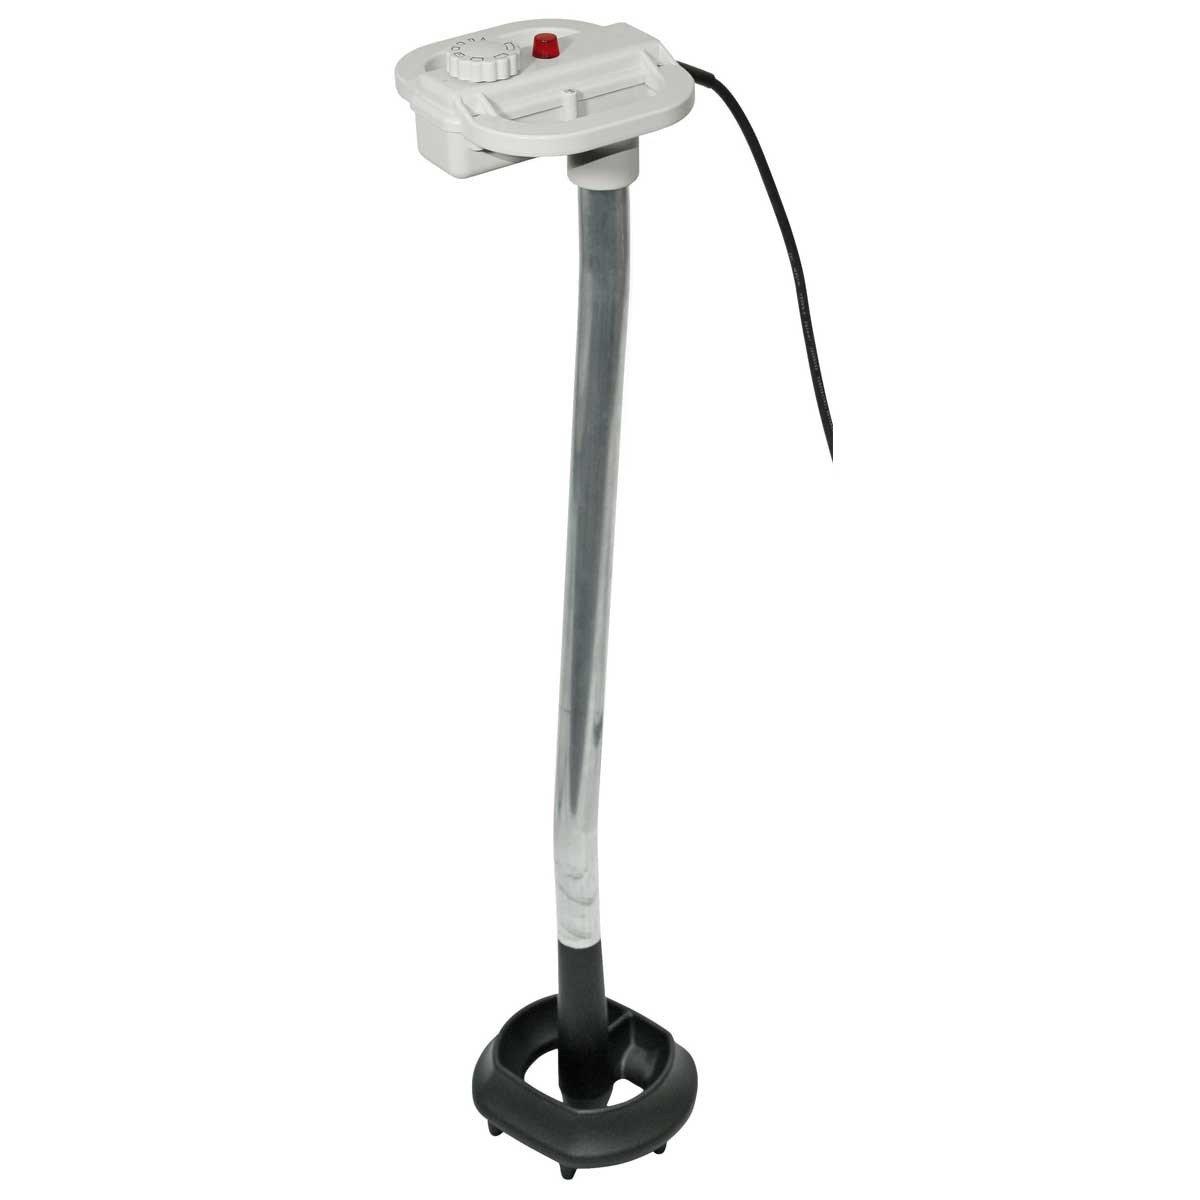 Kälbermilcherwärmer FastHeat 1700 Watt